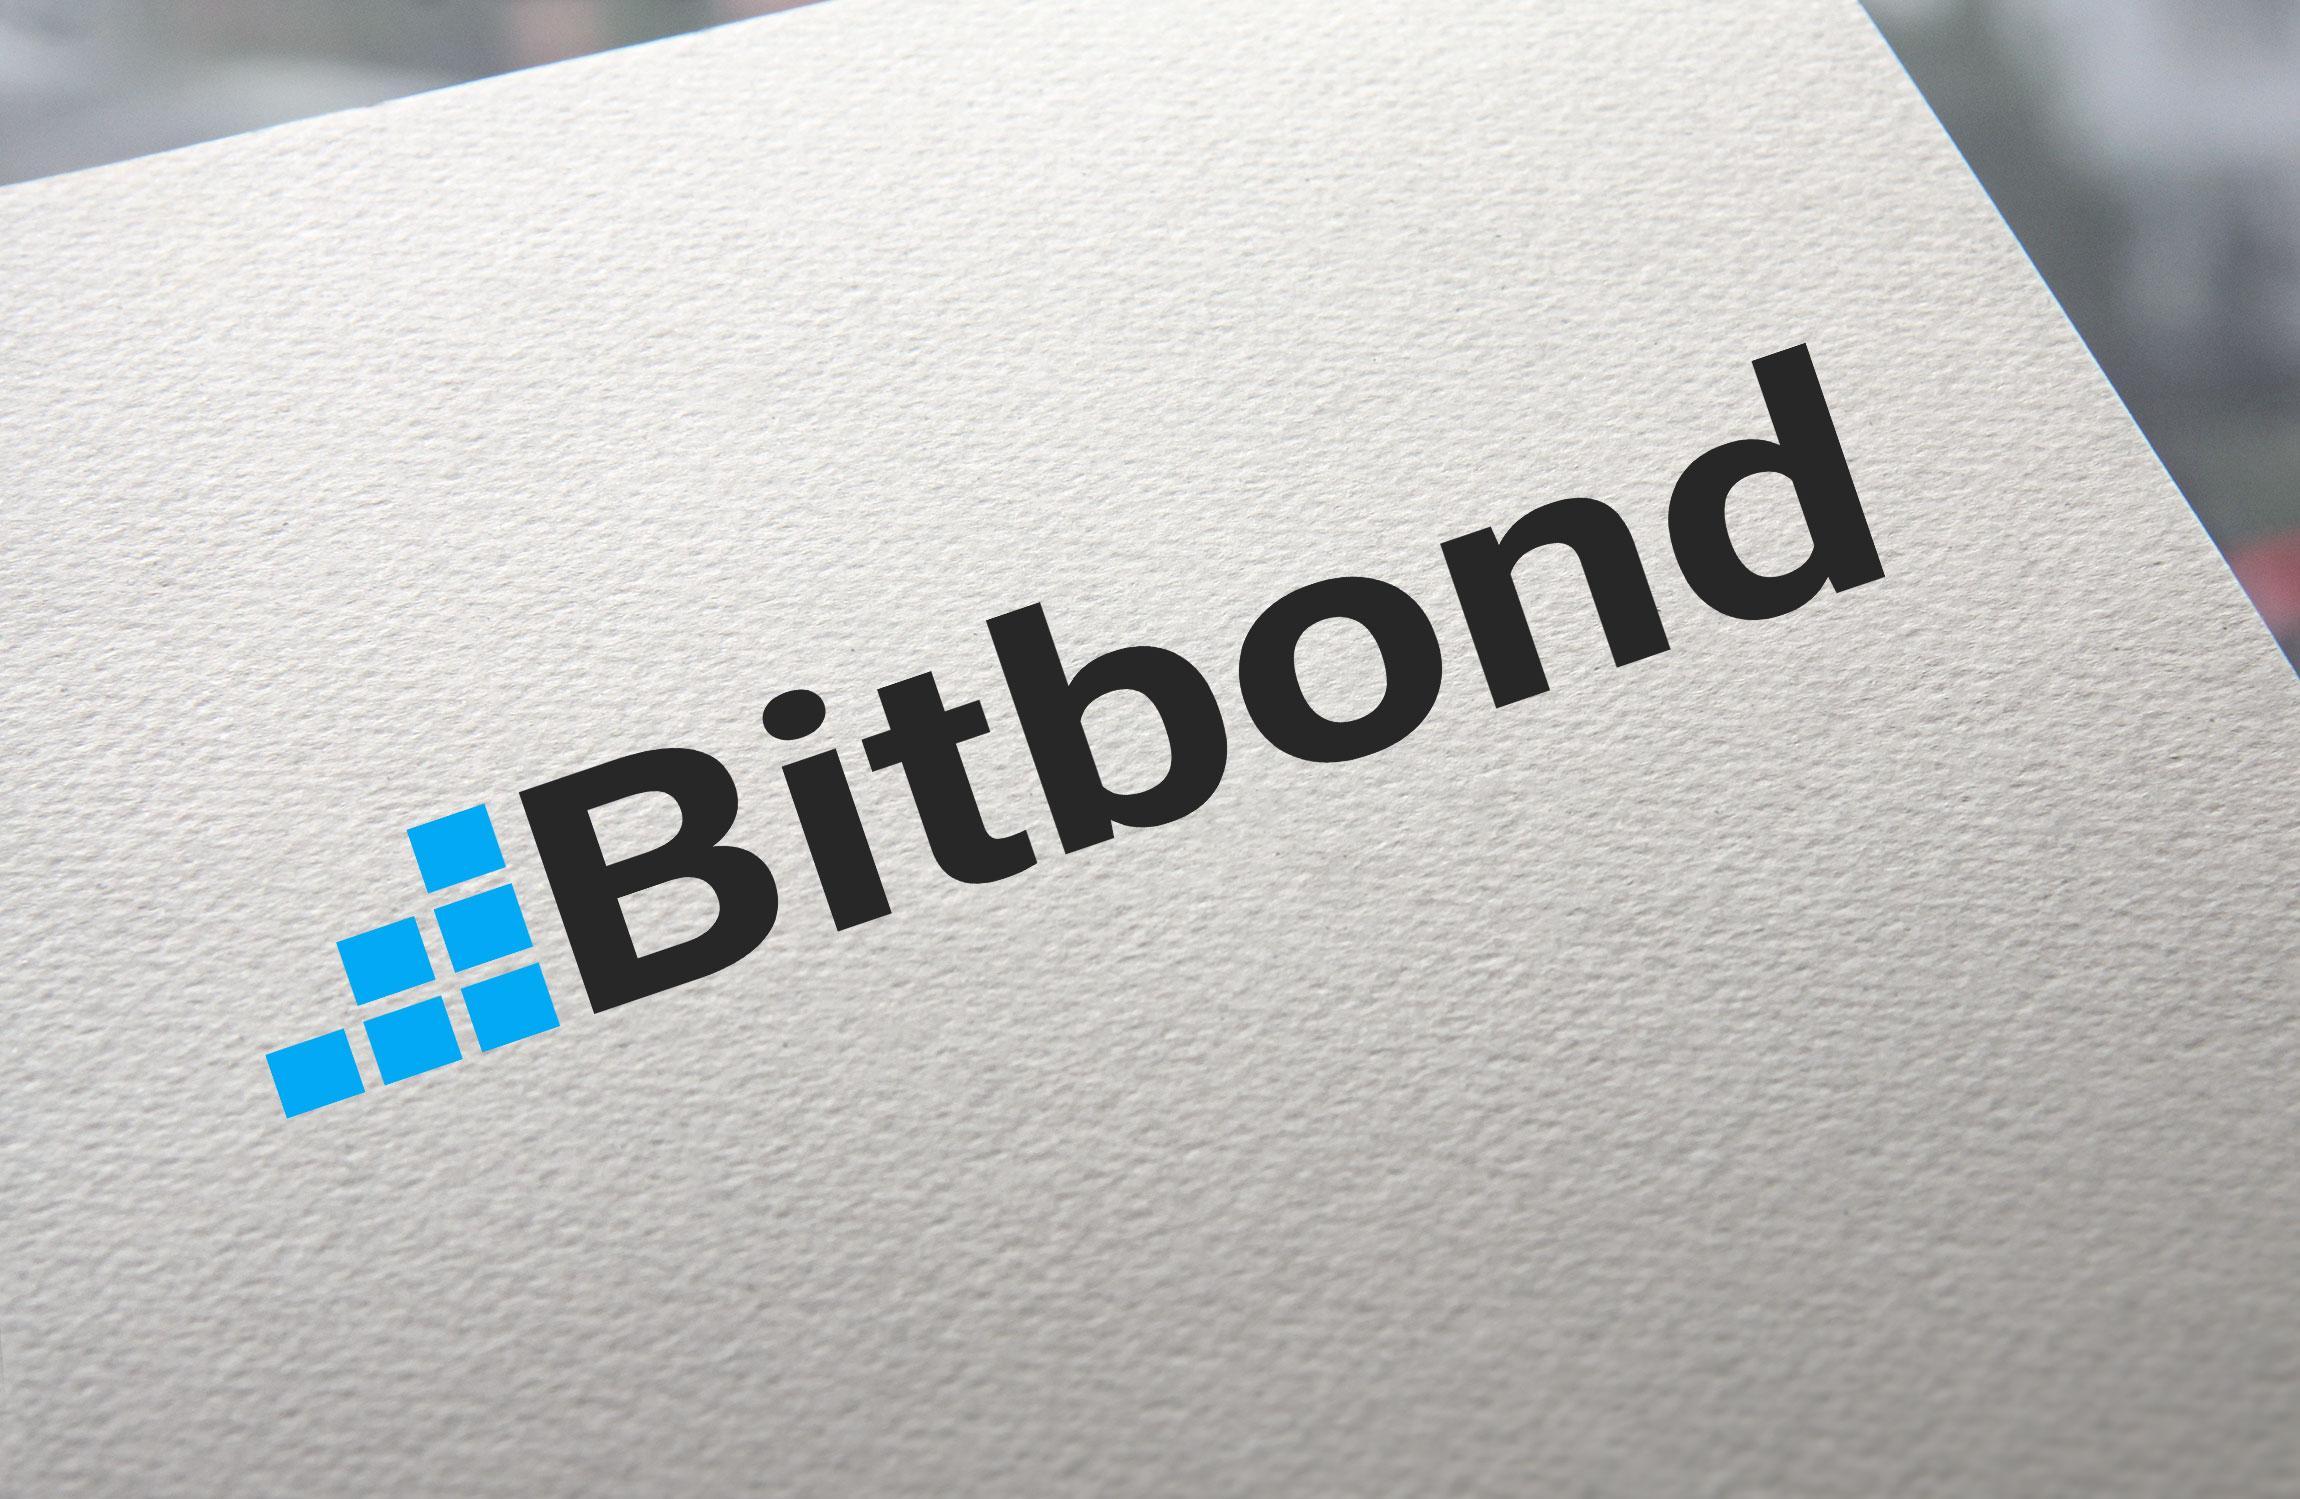 Финансовый надзор Германии разрешил блокчейн-банку Bitbond провести STO